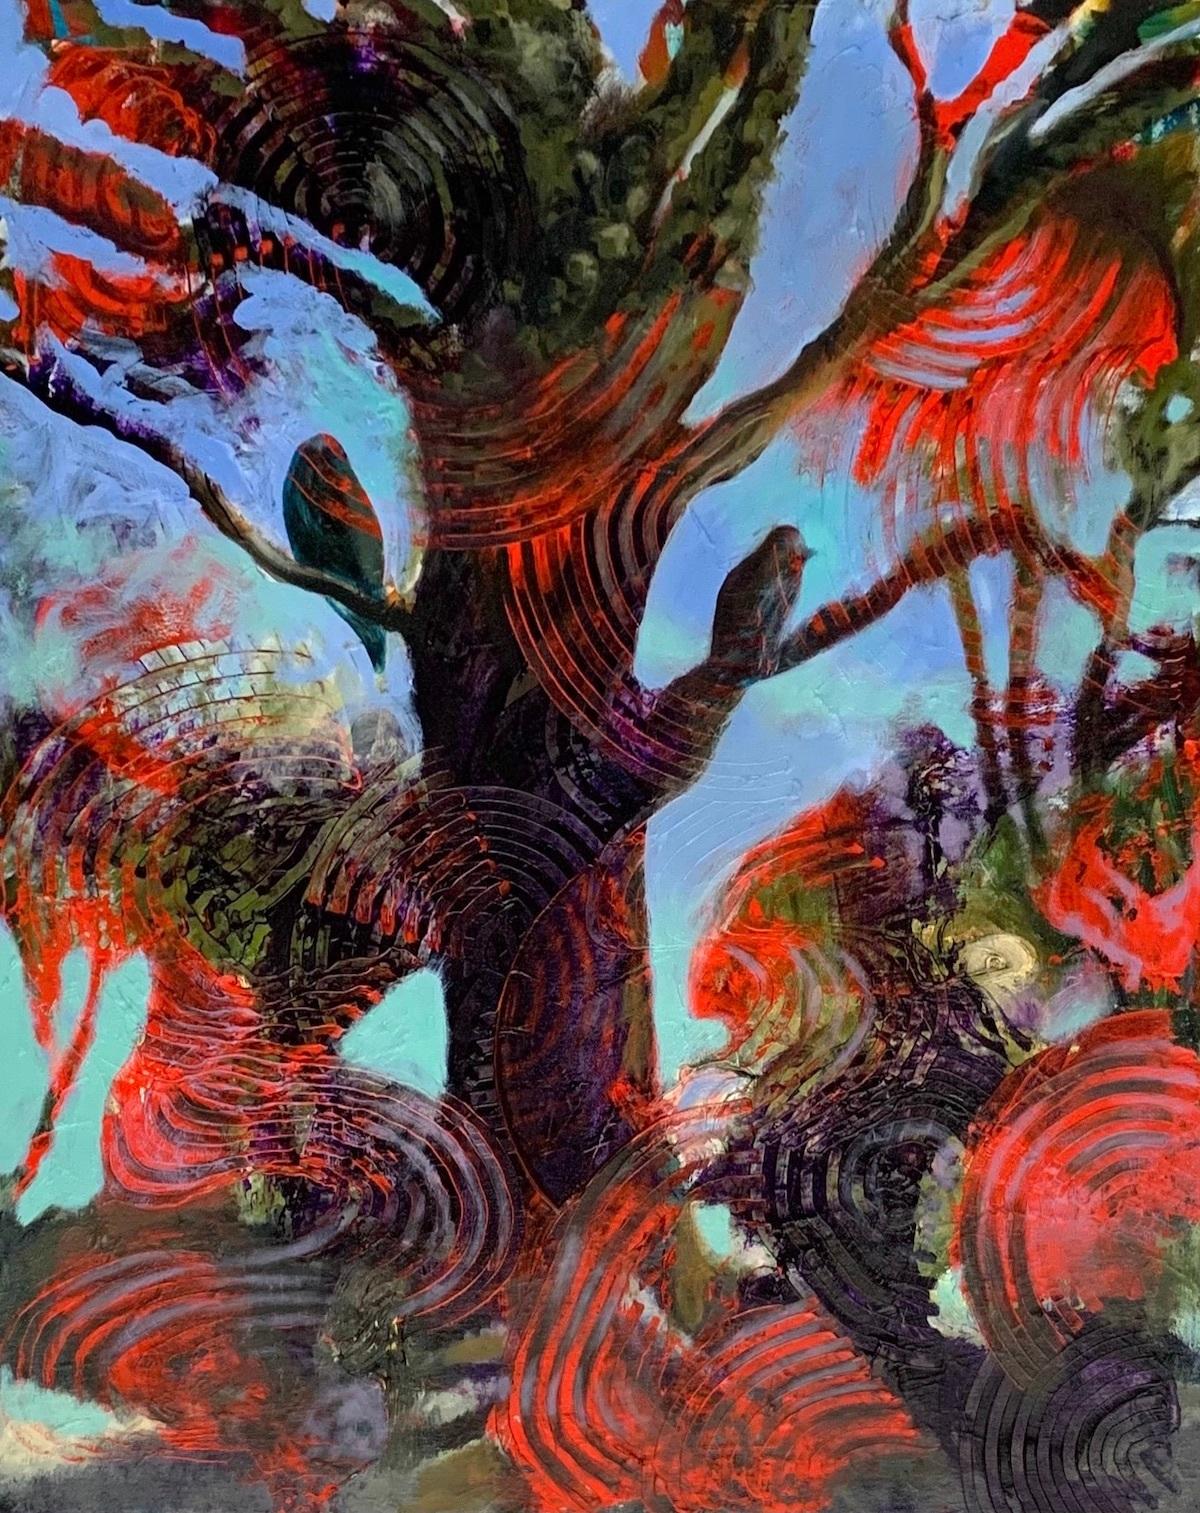 Birds in tree xi copy 2 tnynot